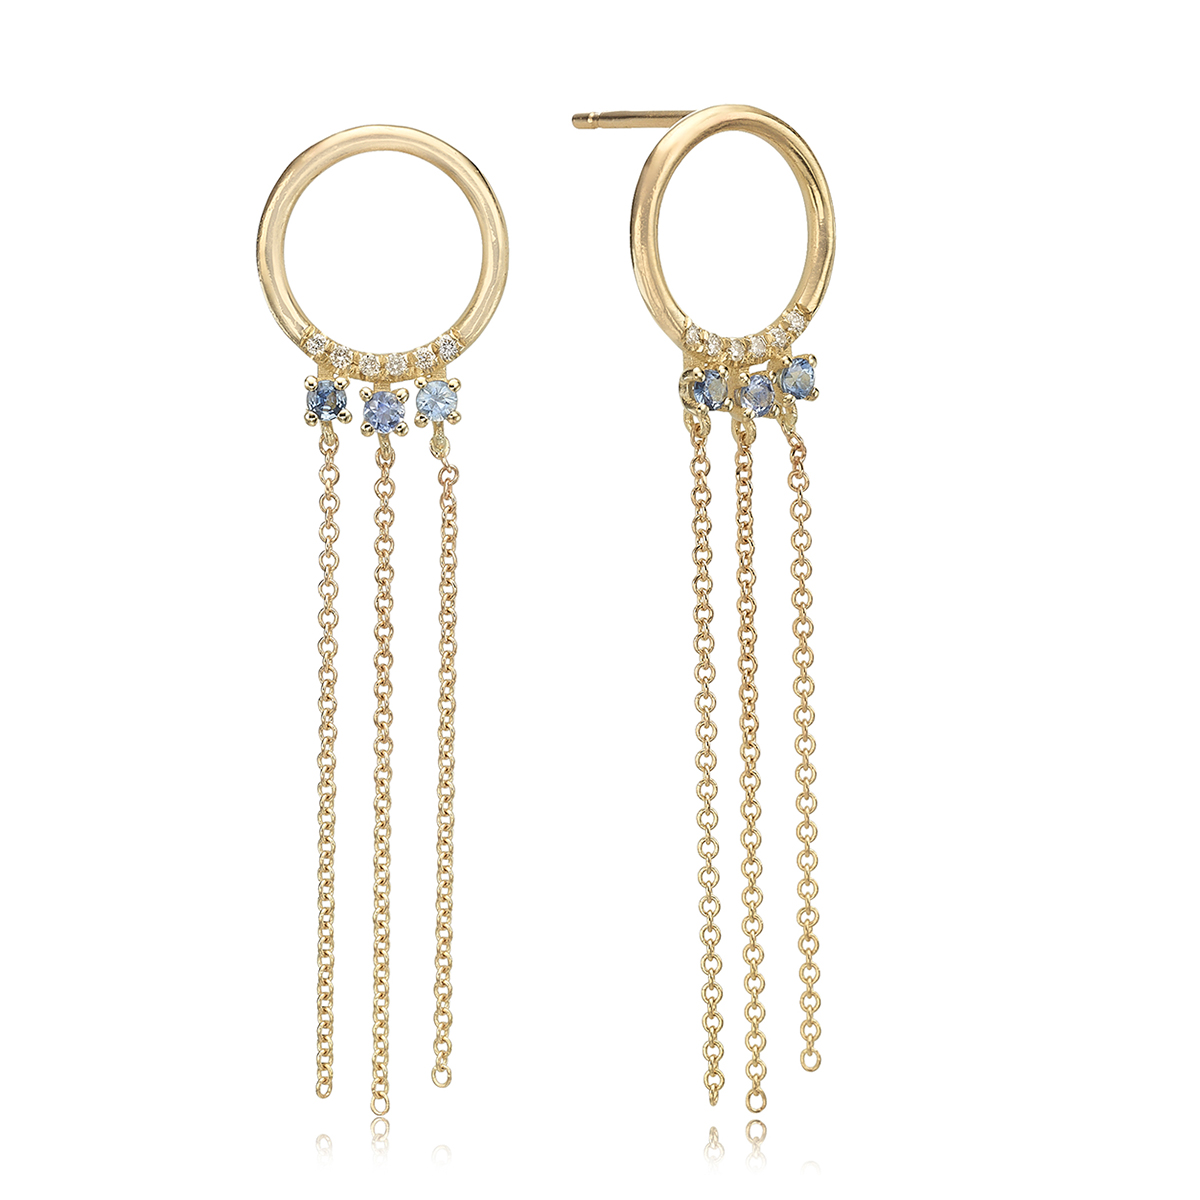 עגילי זהב בצורת עיגול עם שרשראות תלויות משובצים יהלומים וספירים כחולים